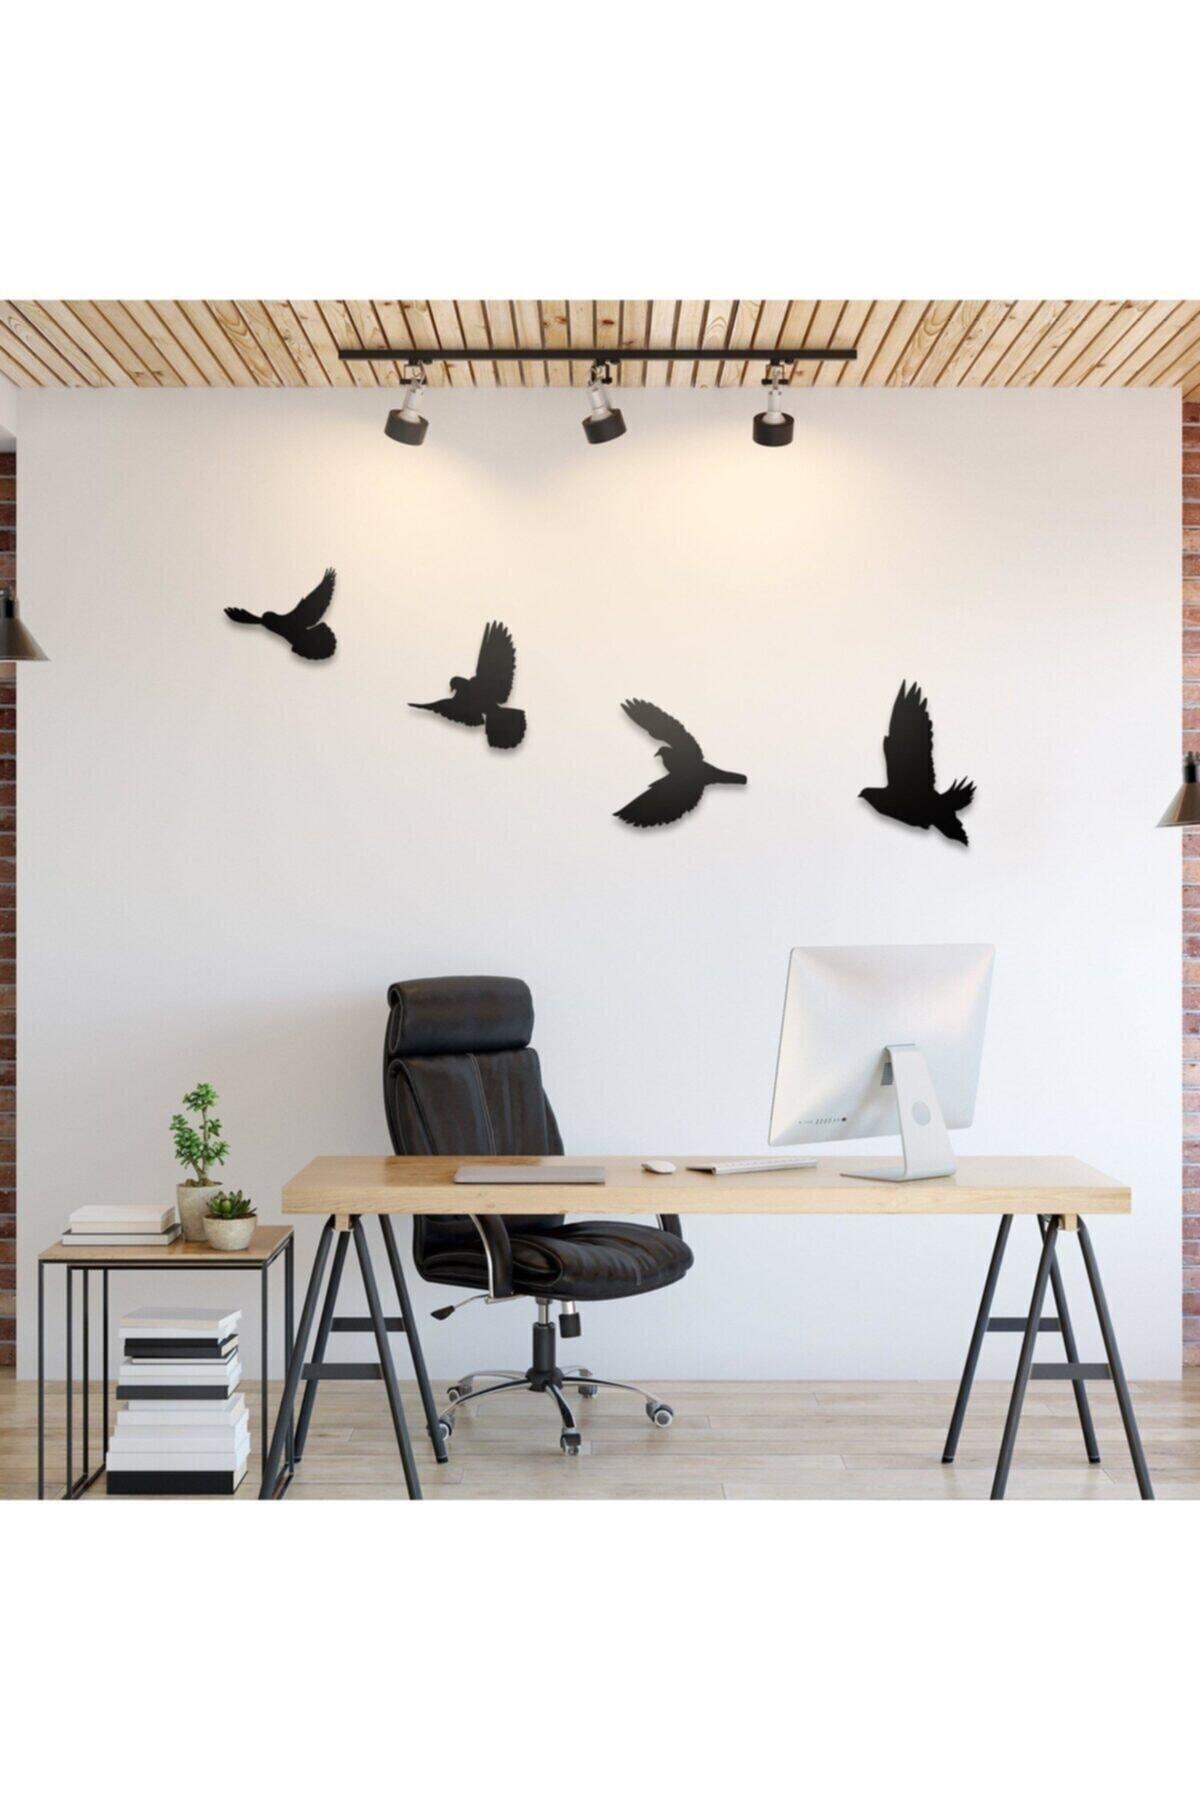 Üçgen Dekoratif Modern Dörtlü Kuş Duvar Süsü Duvar Dekoru 4 Adet 2